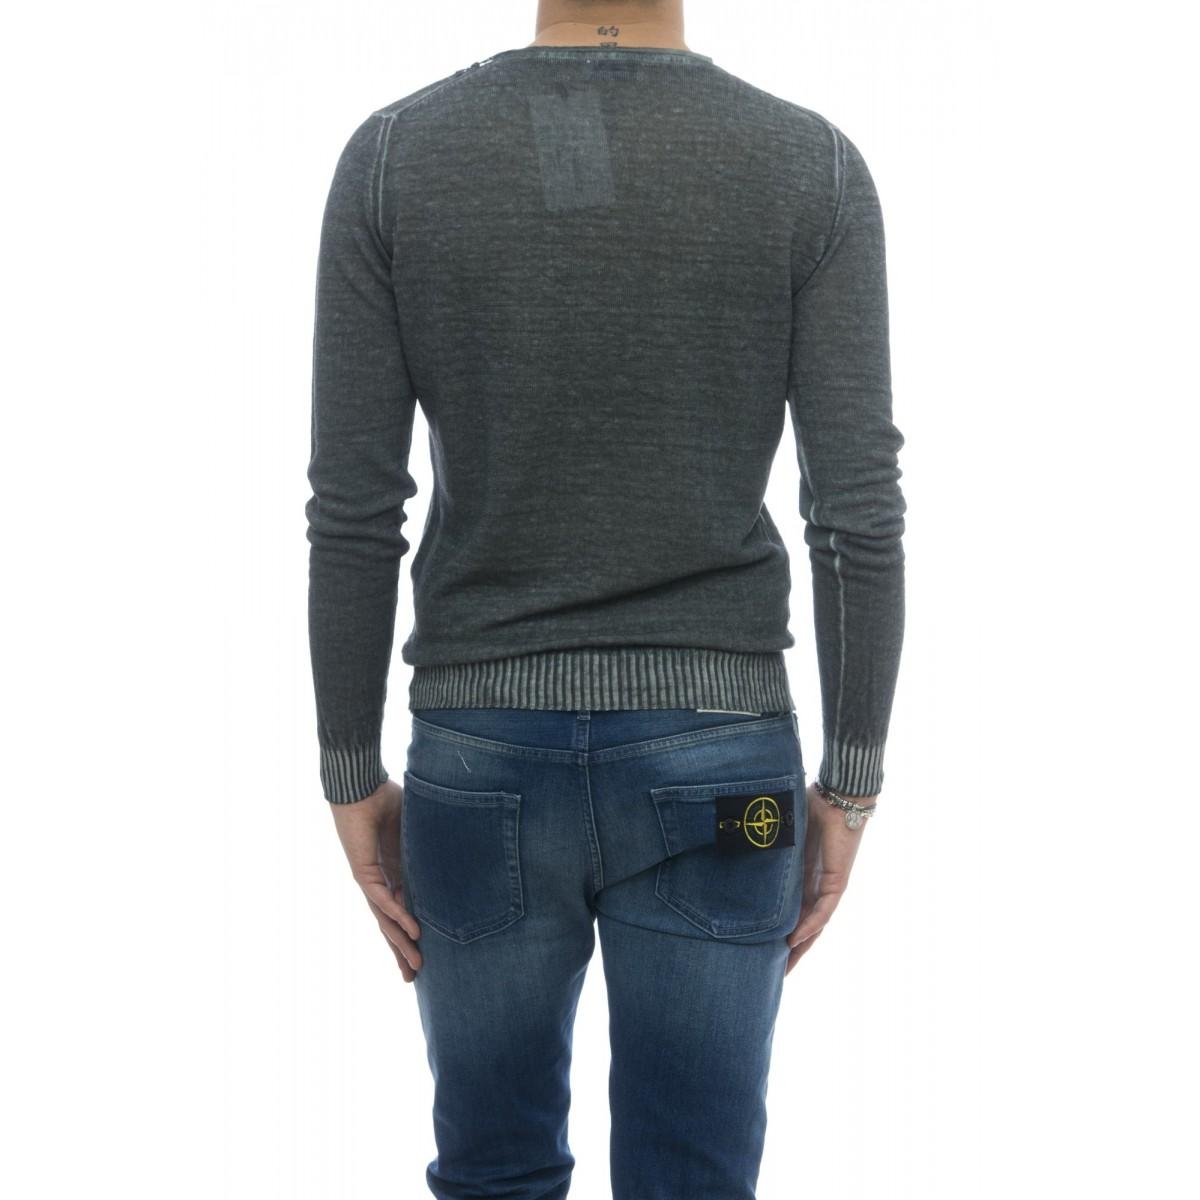 Maglia - Mu12fr girocollo lino cotone lavato freddo